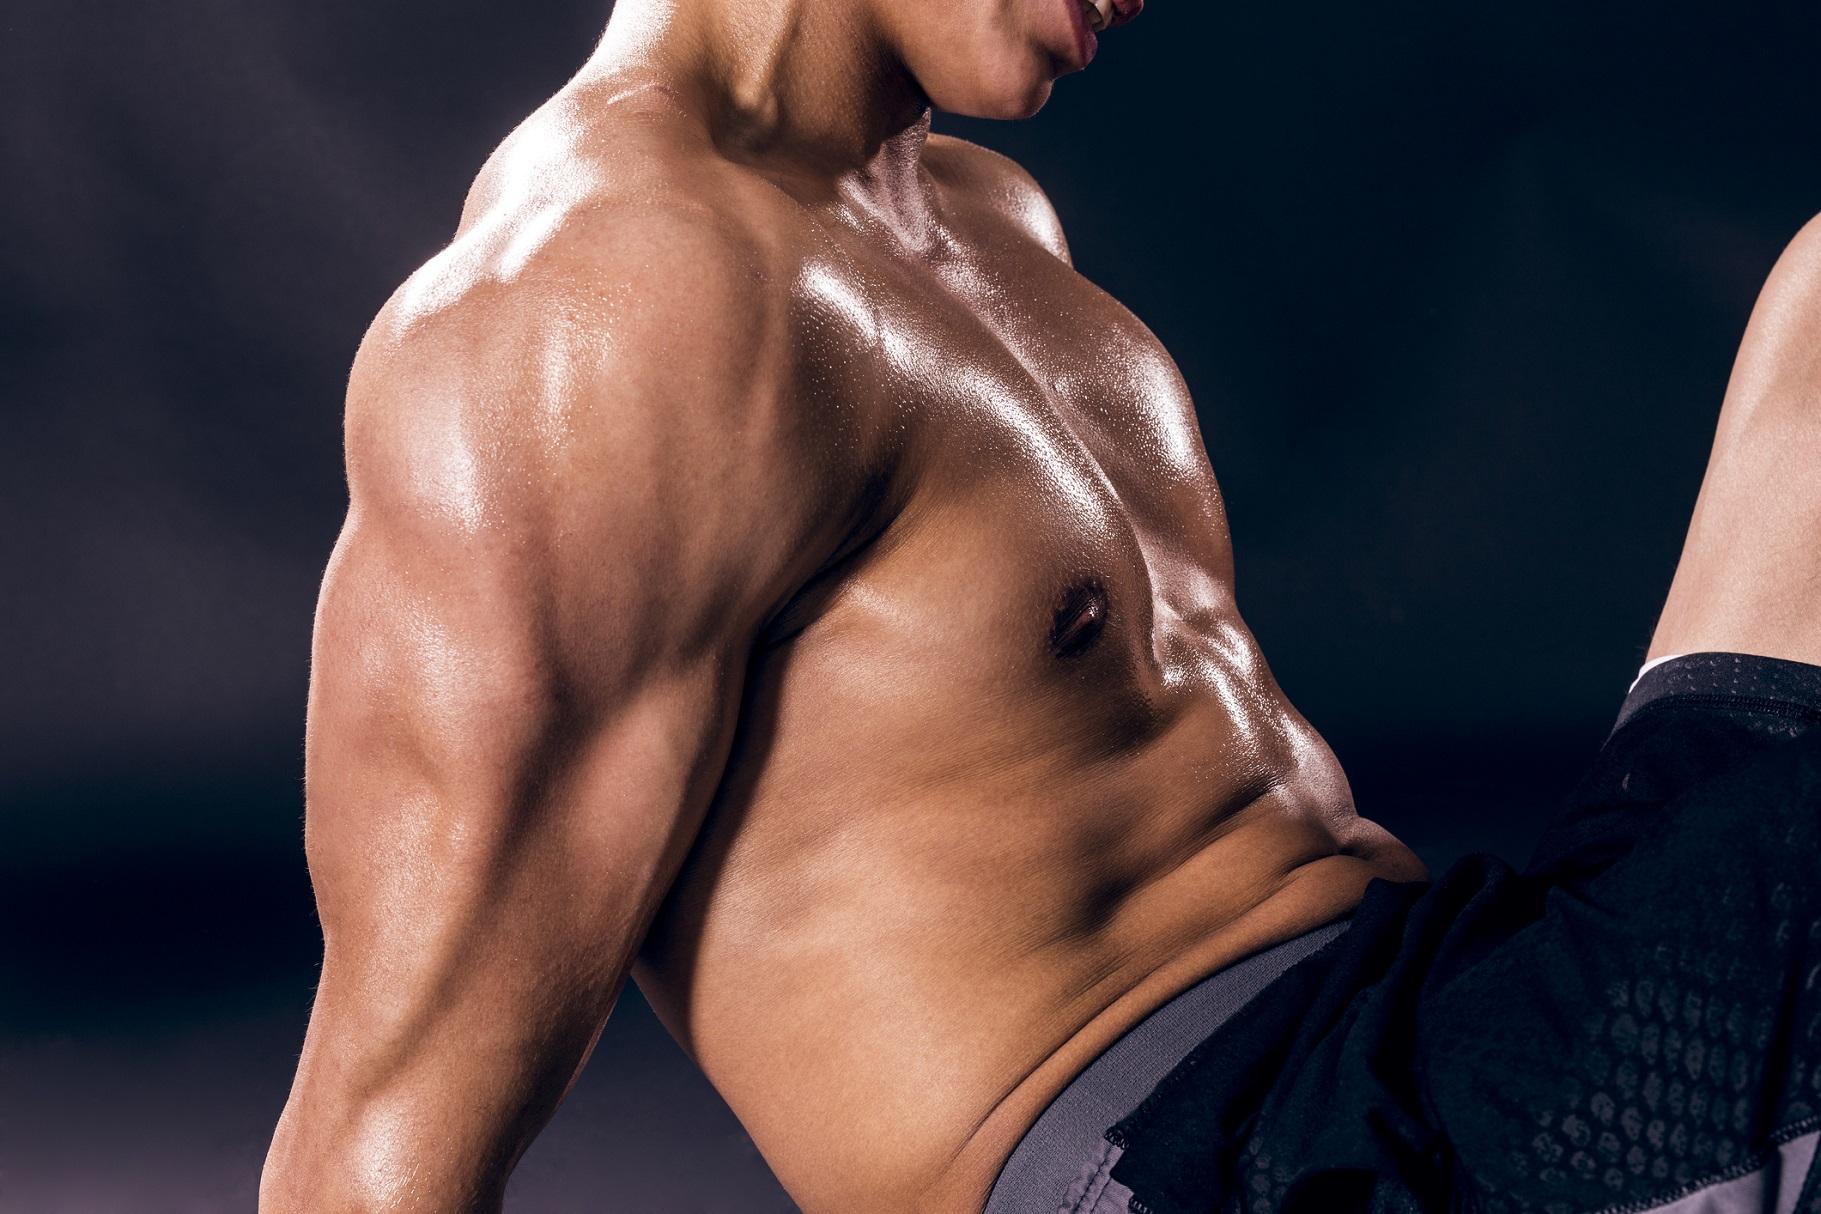 お腹 の 脂肪 を 落とす 筋 トレ 男性